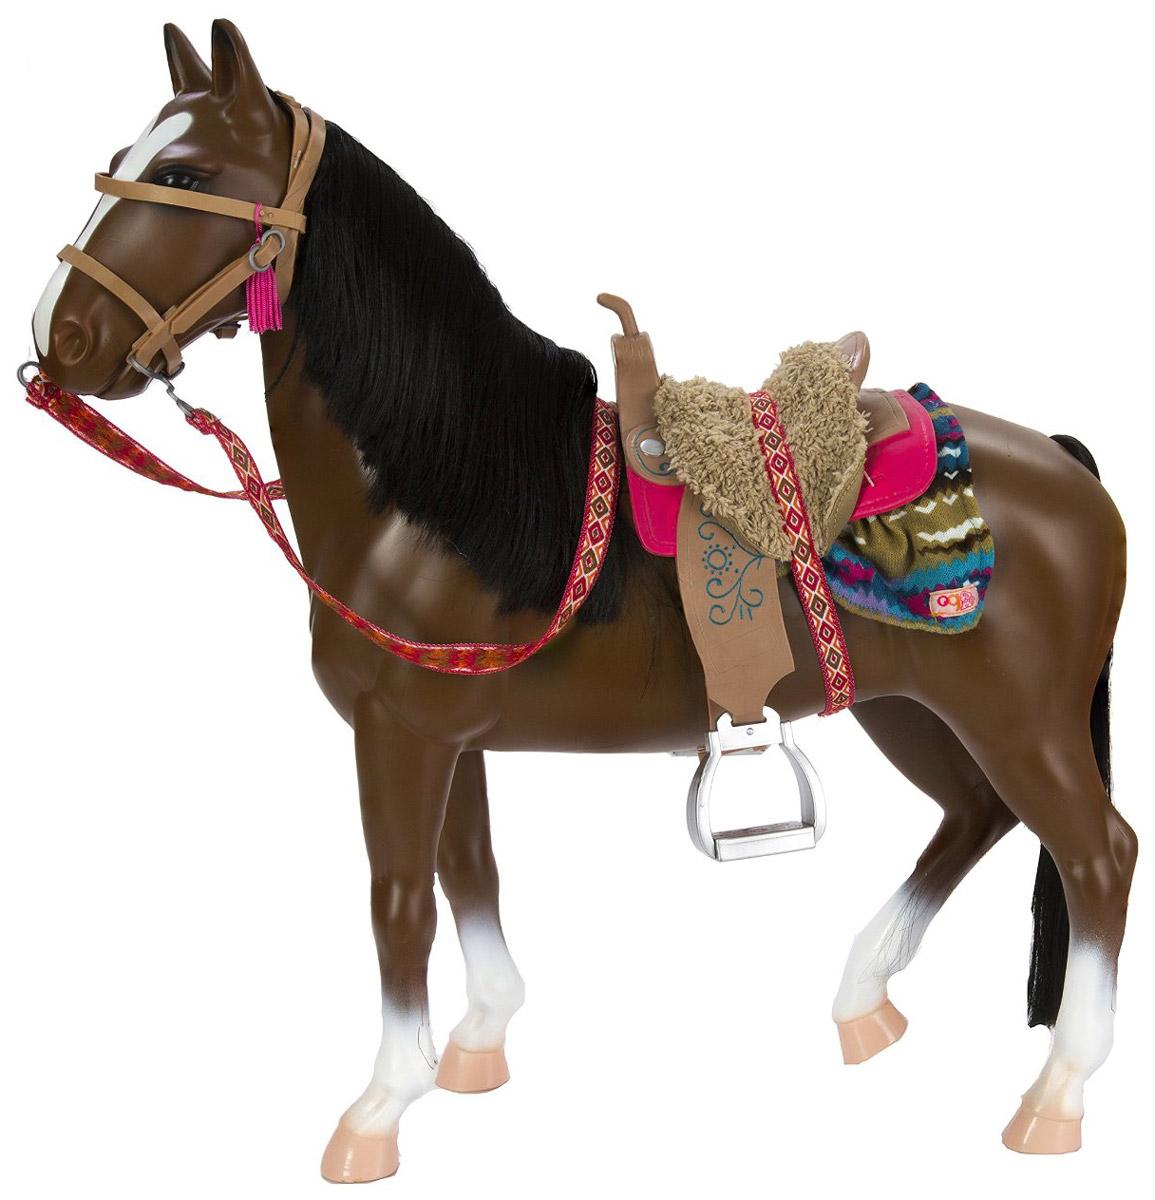 Our Generation Лошадь породы Американская чистокровная с аксессуарами